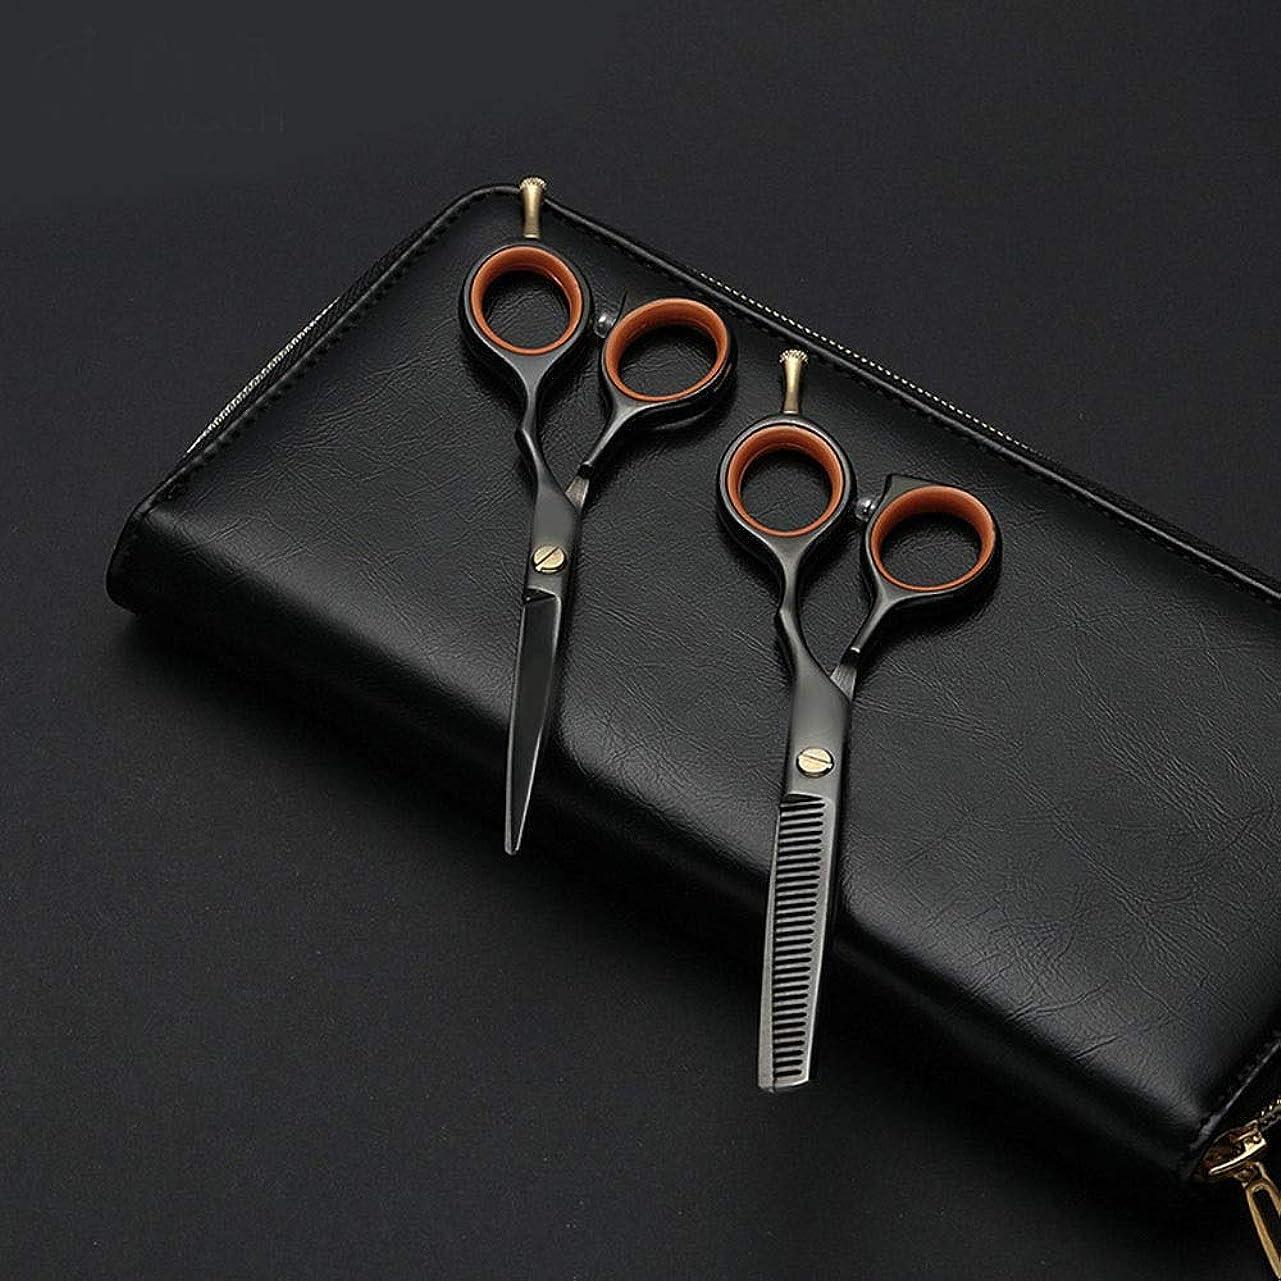 否定するジュース世界的に理髪用はさみ 5.5インチの専門の理髪はさみ、美容院の組合せセット理髪はさみ毛の切断はさみステンレス理髪はさみ (色 : 黒)